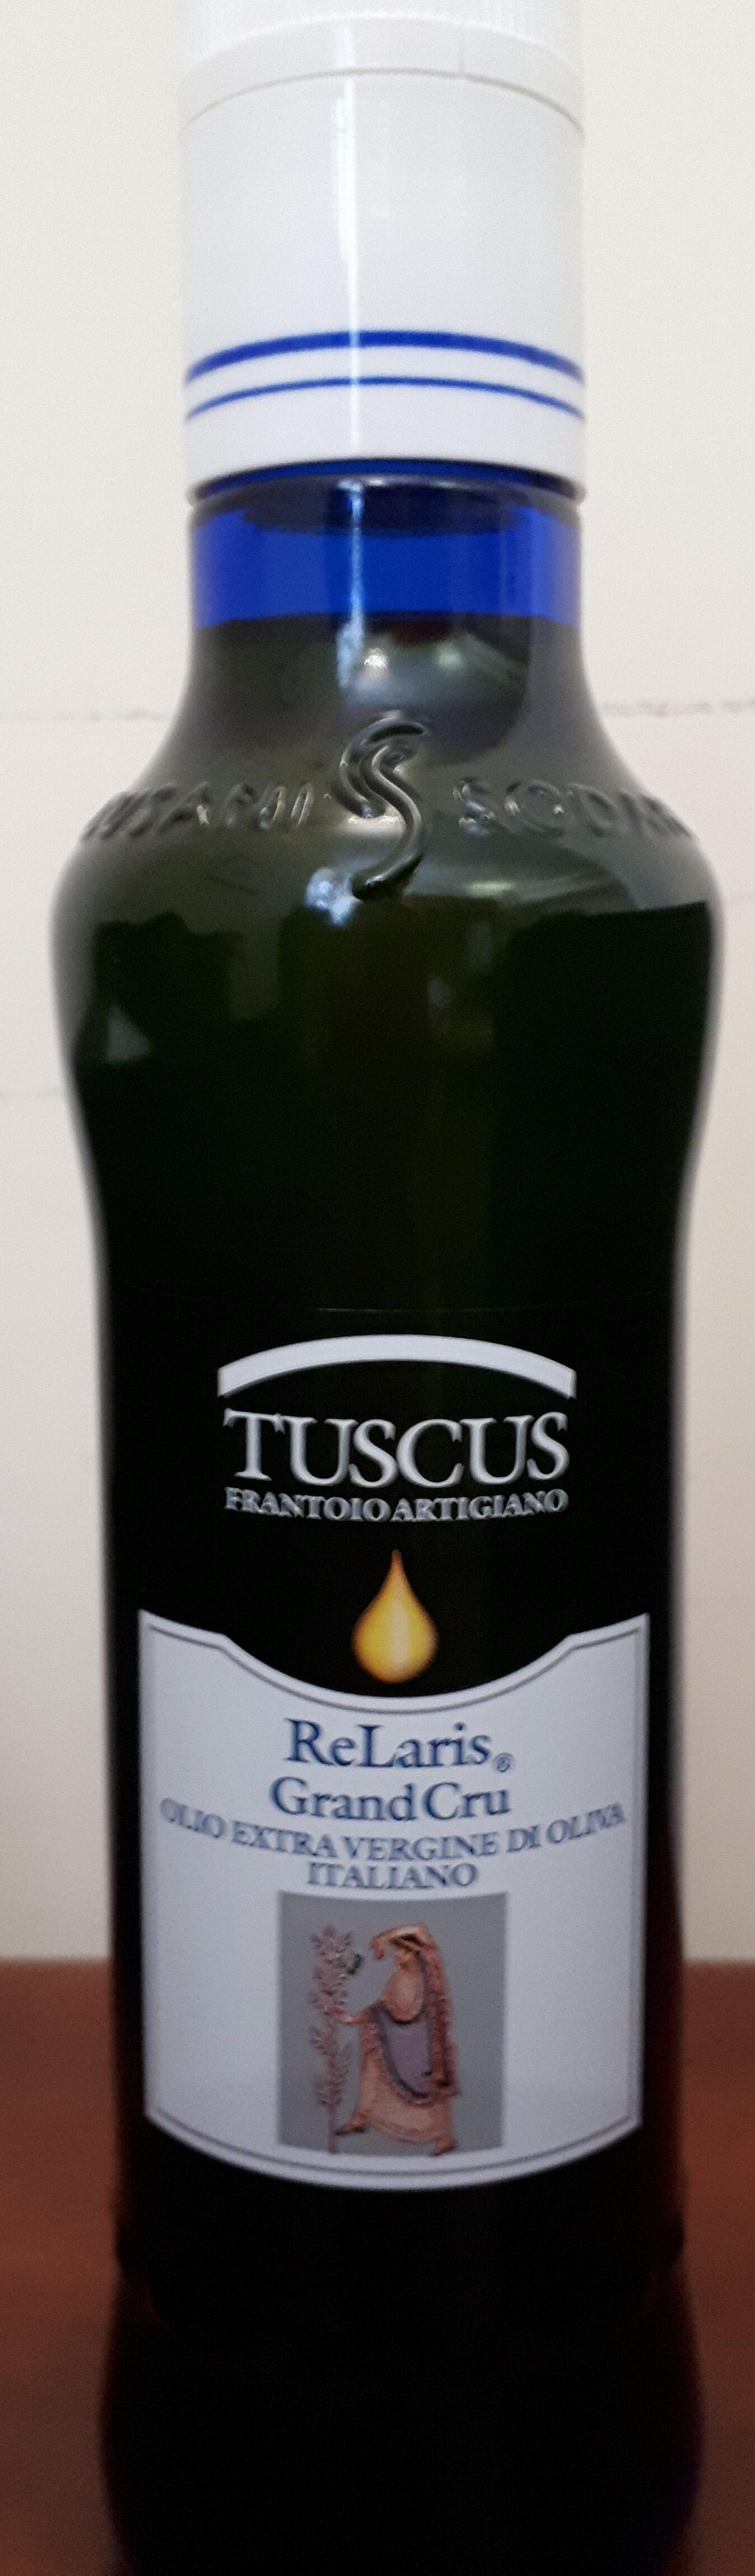 Olio Extravergine di oliva italiano - Product